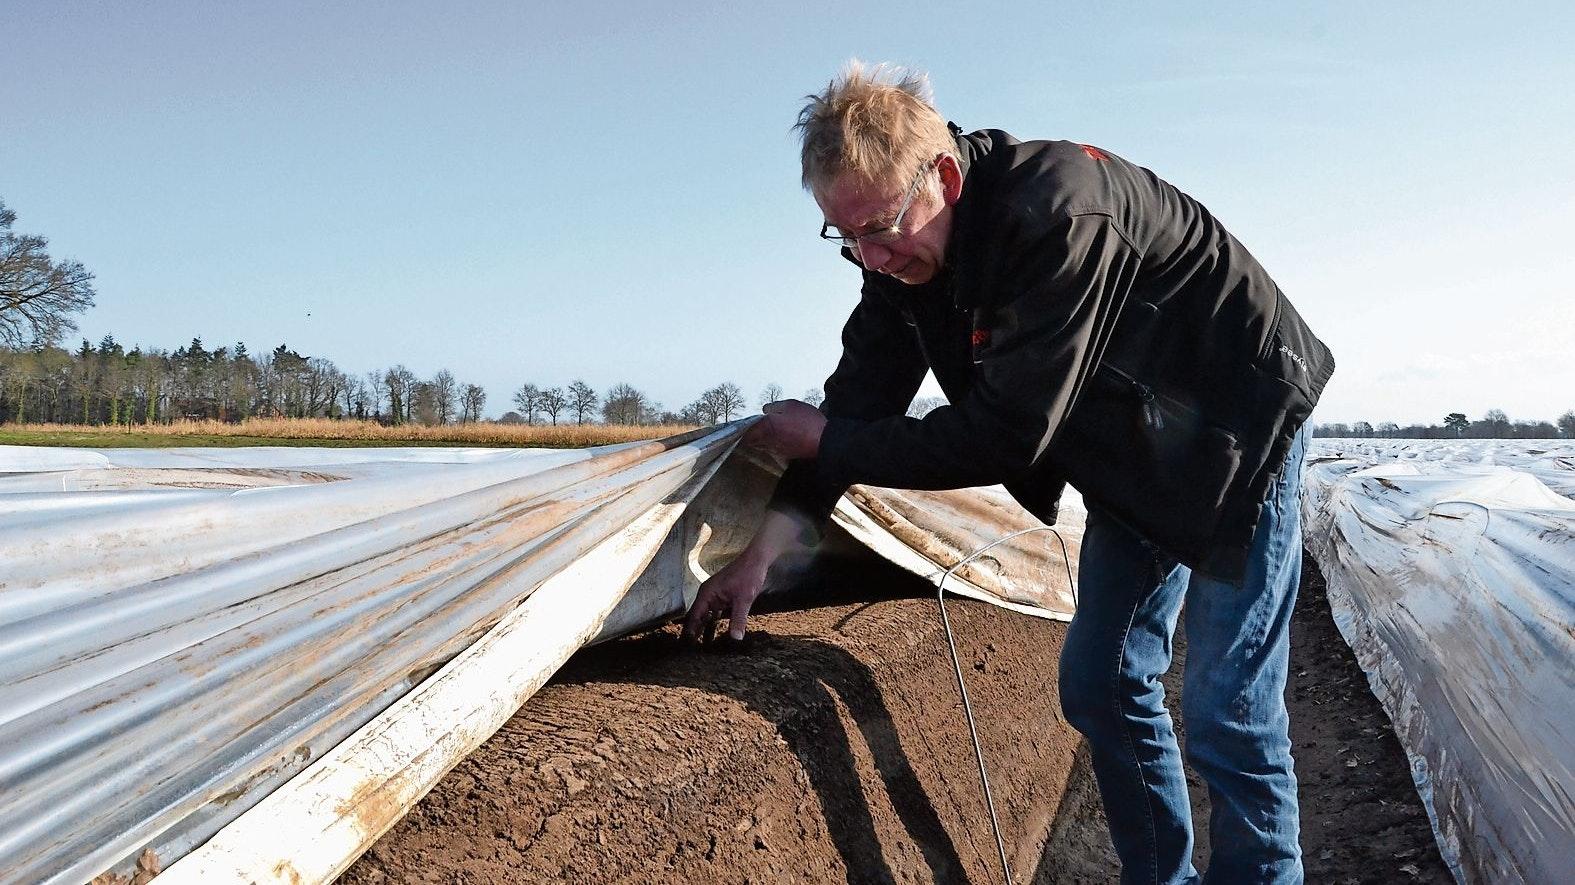 Er wächst: Berthold Niehaus prüft die Spargeldämme. Folien sorgen dafür, dass die Erde sich schneller erwärmt. Foto: Meyer